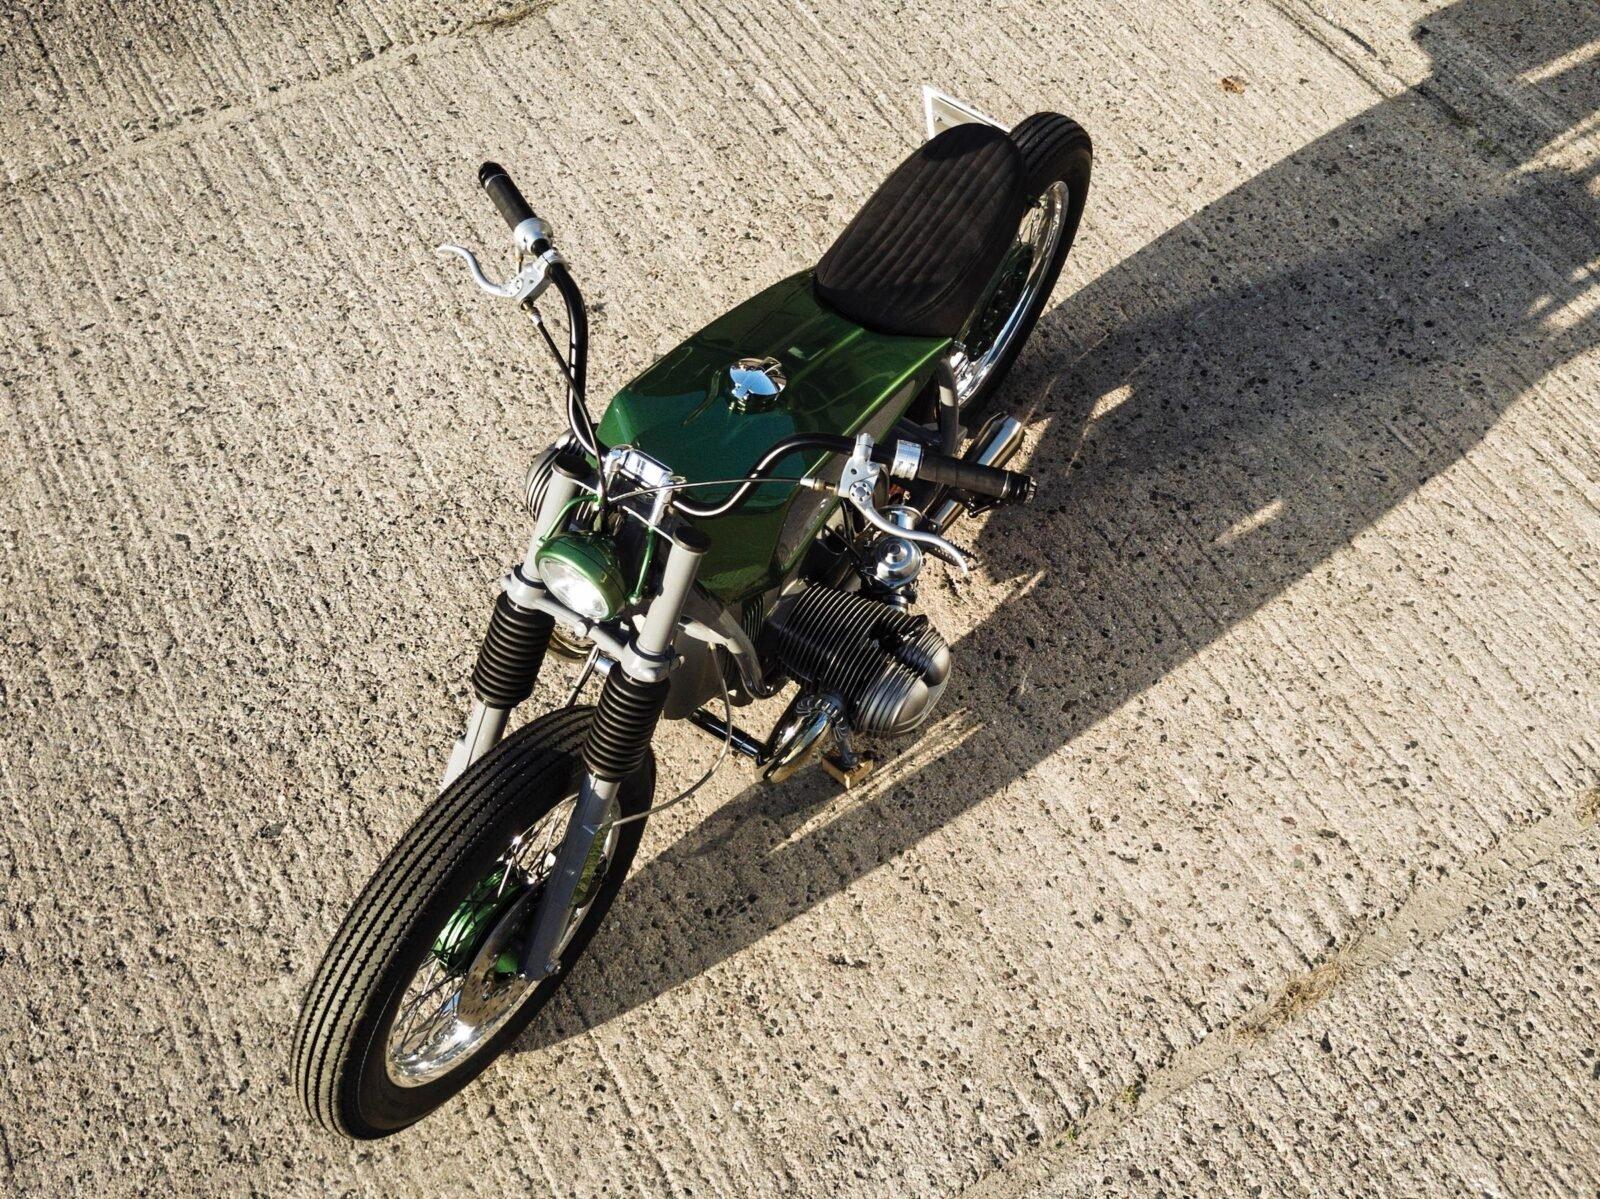 bmw r80st motorbike 21 1600x1199 - Urban Motor BMW R80 ST